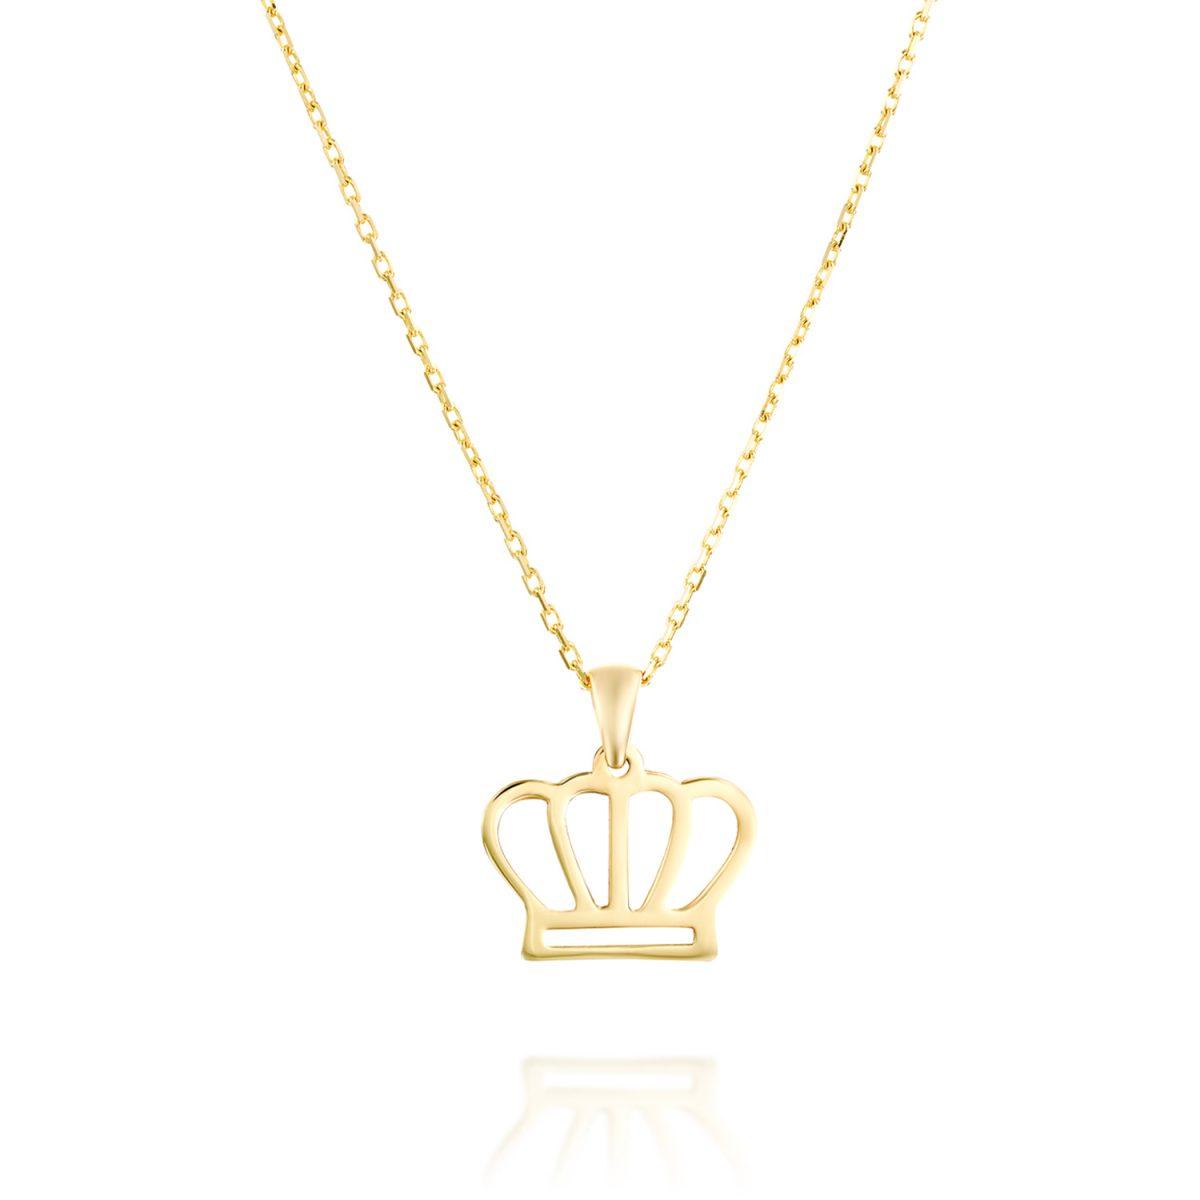 שרשרת זהב - כתר